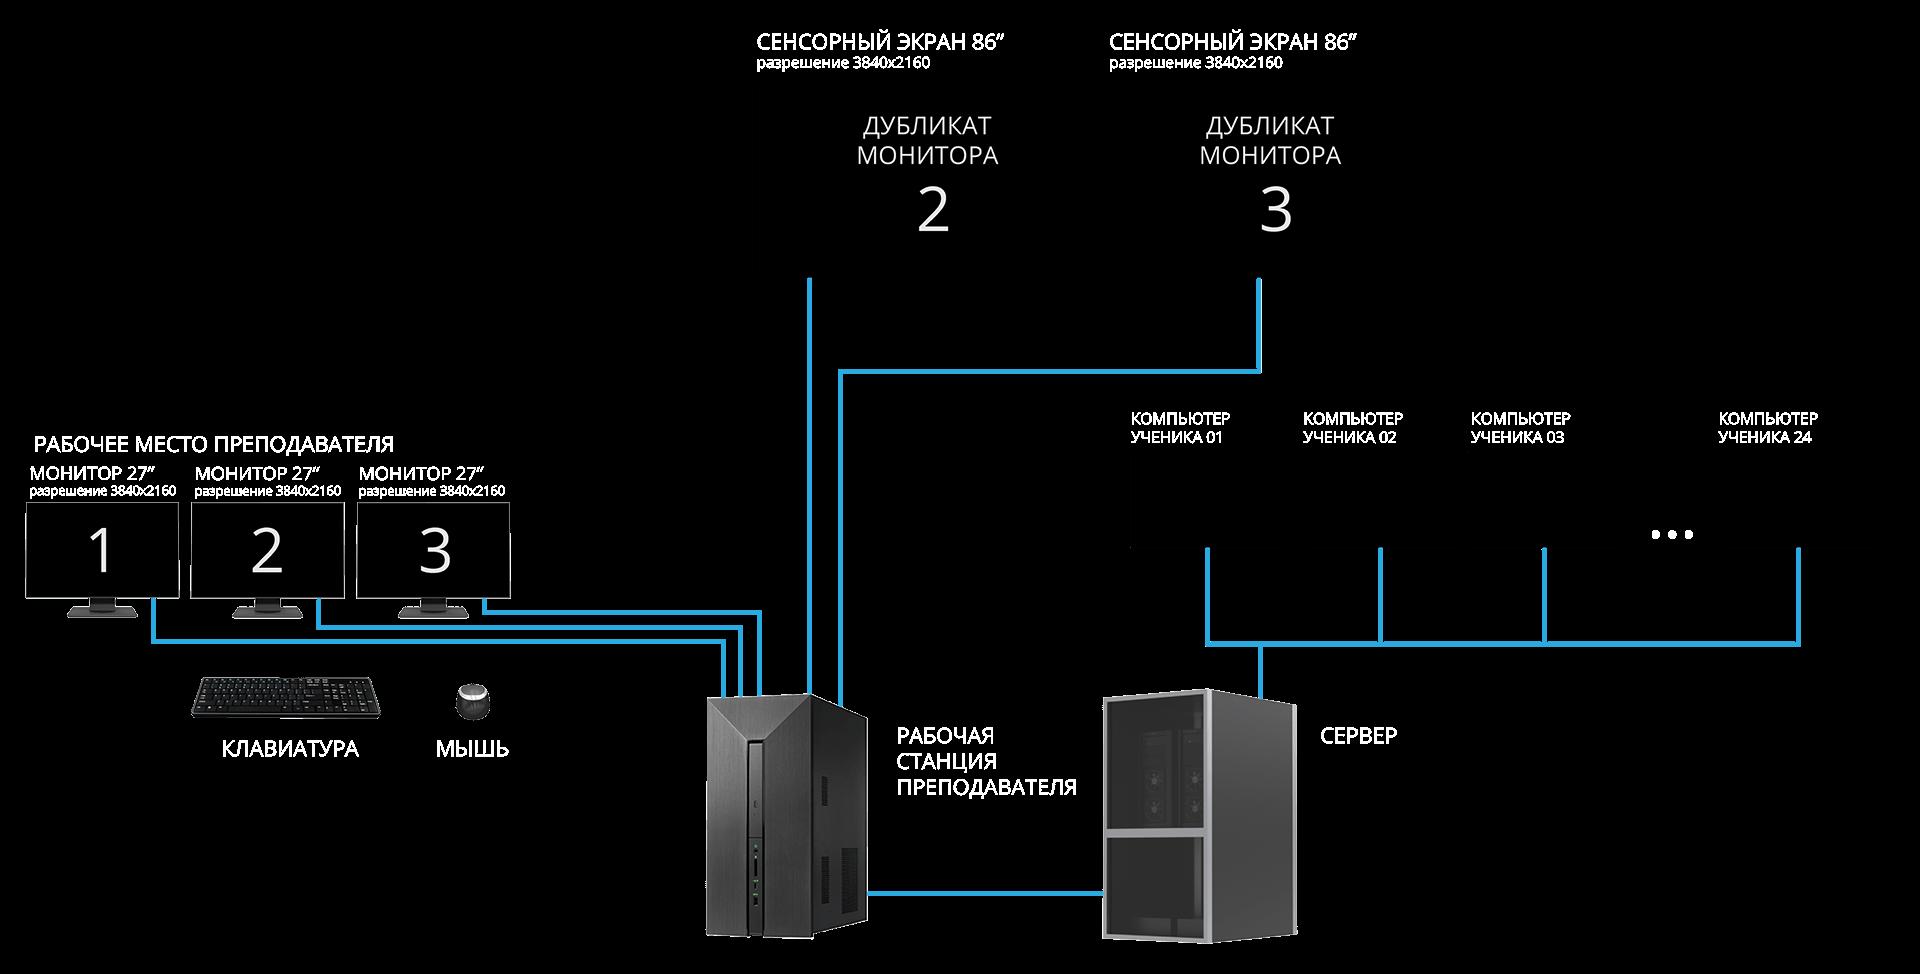 apk4 03 Аппаратно программные комплексы